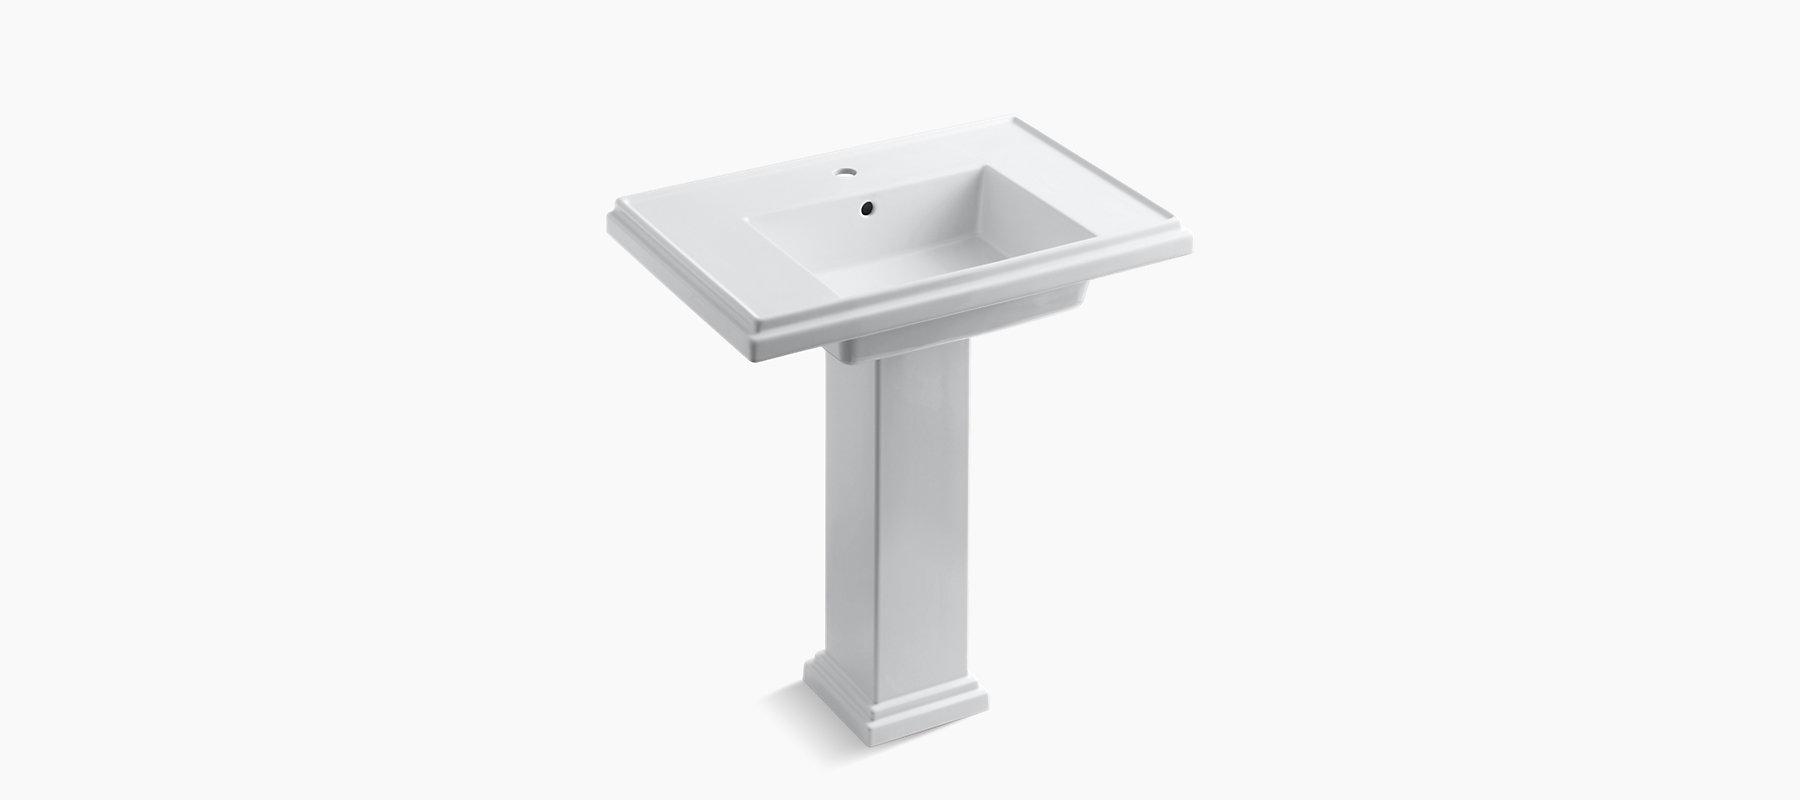 K-2845-1 | Tresham 30-Inch Pedestal Sink with Single ...